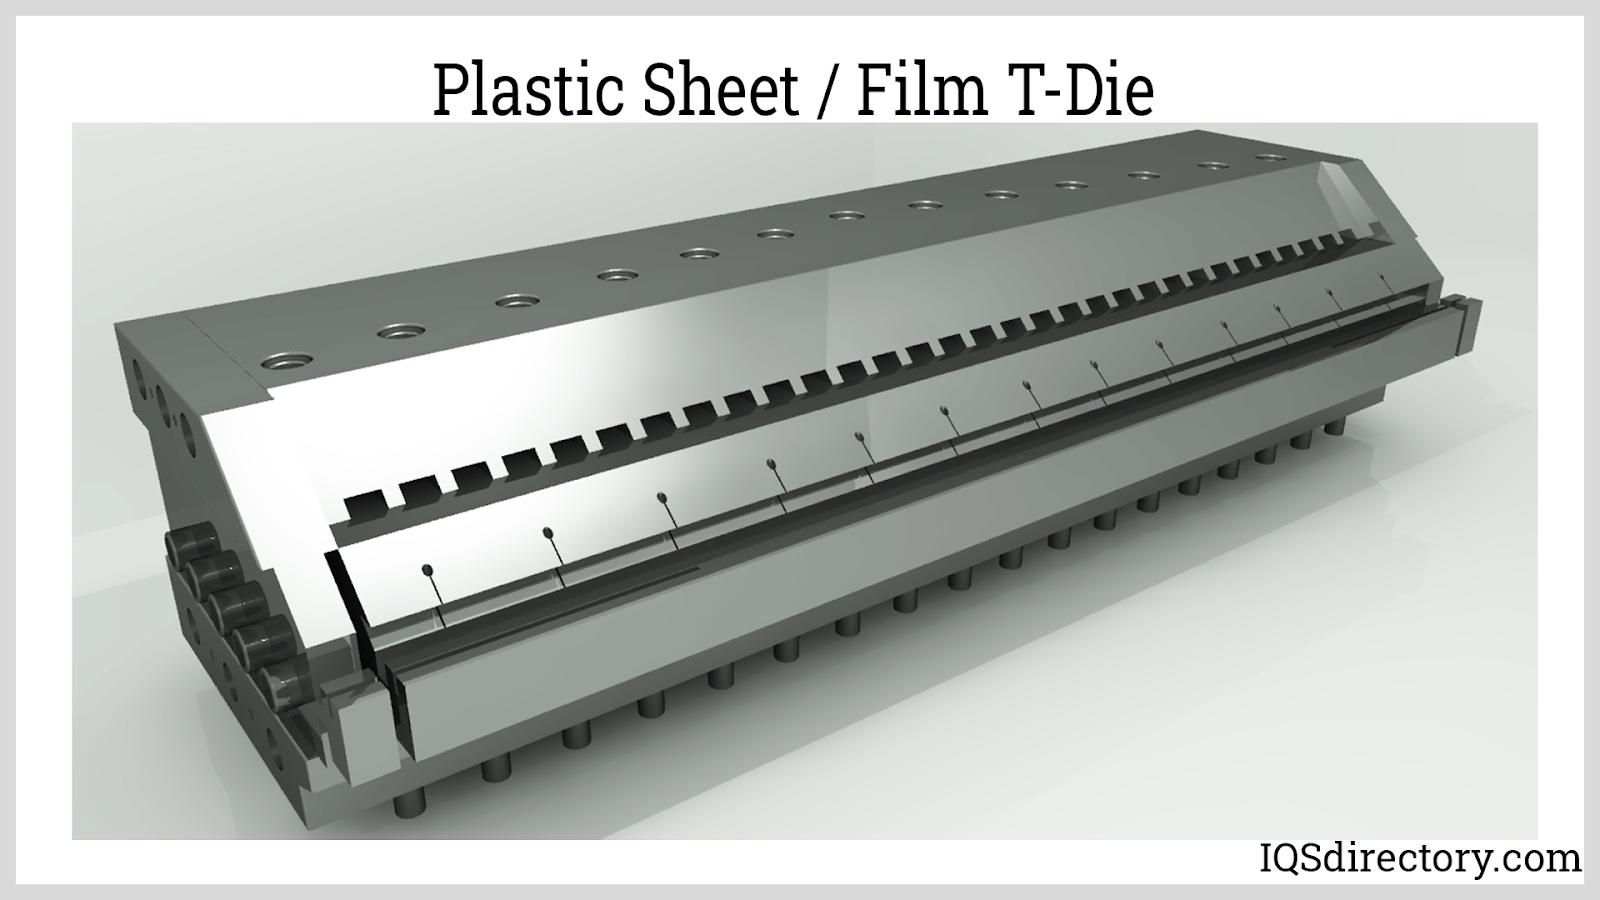 Plastic Sheet / Film T-Die